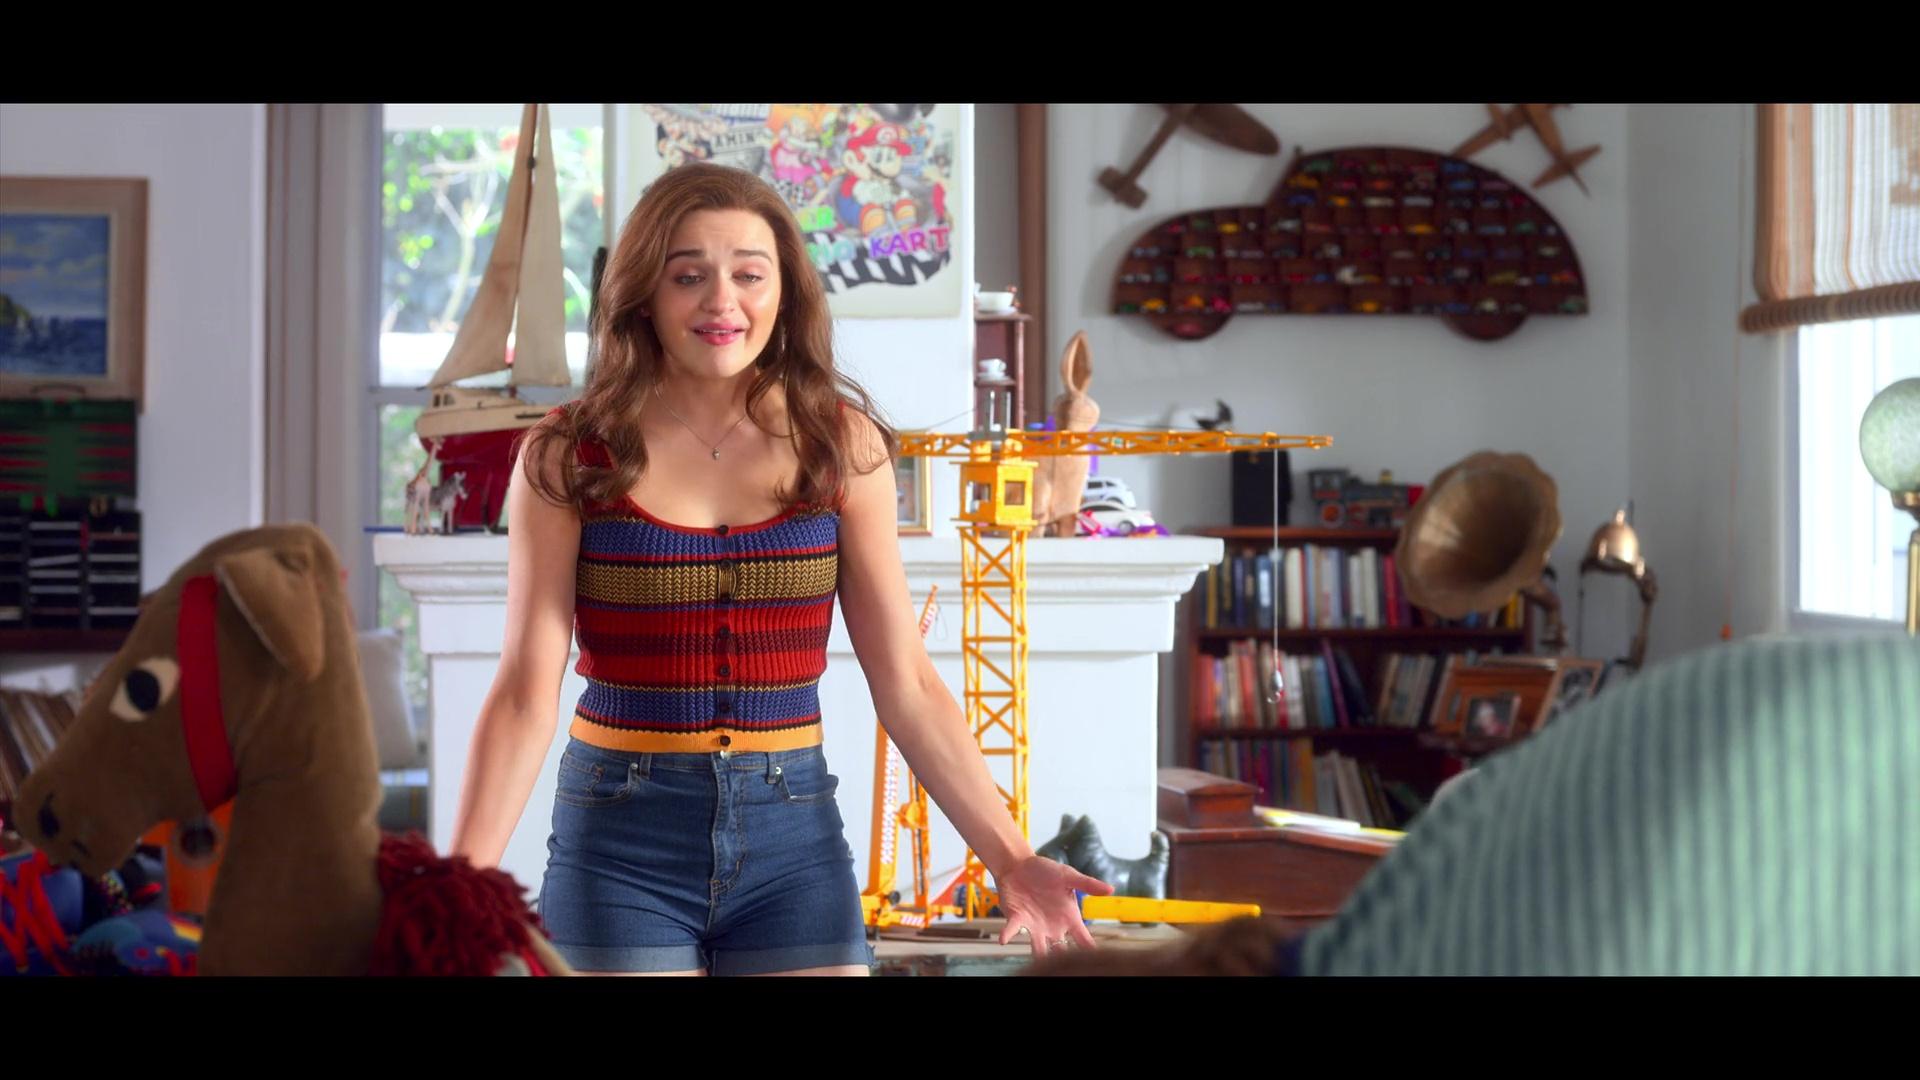 El stand de los besos 3 (2021) 1080p WEB-DL Latino